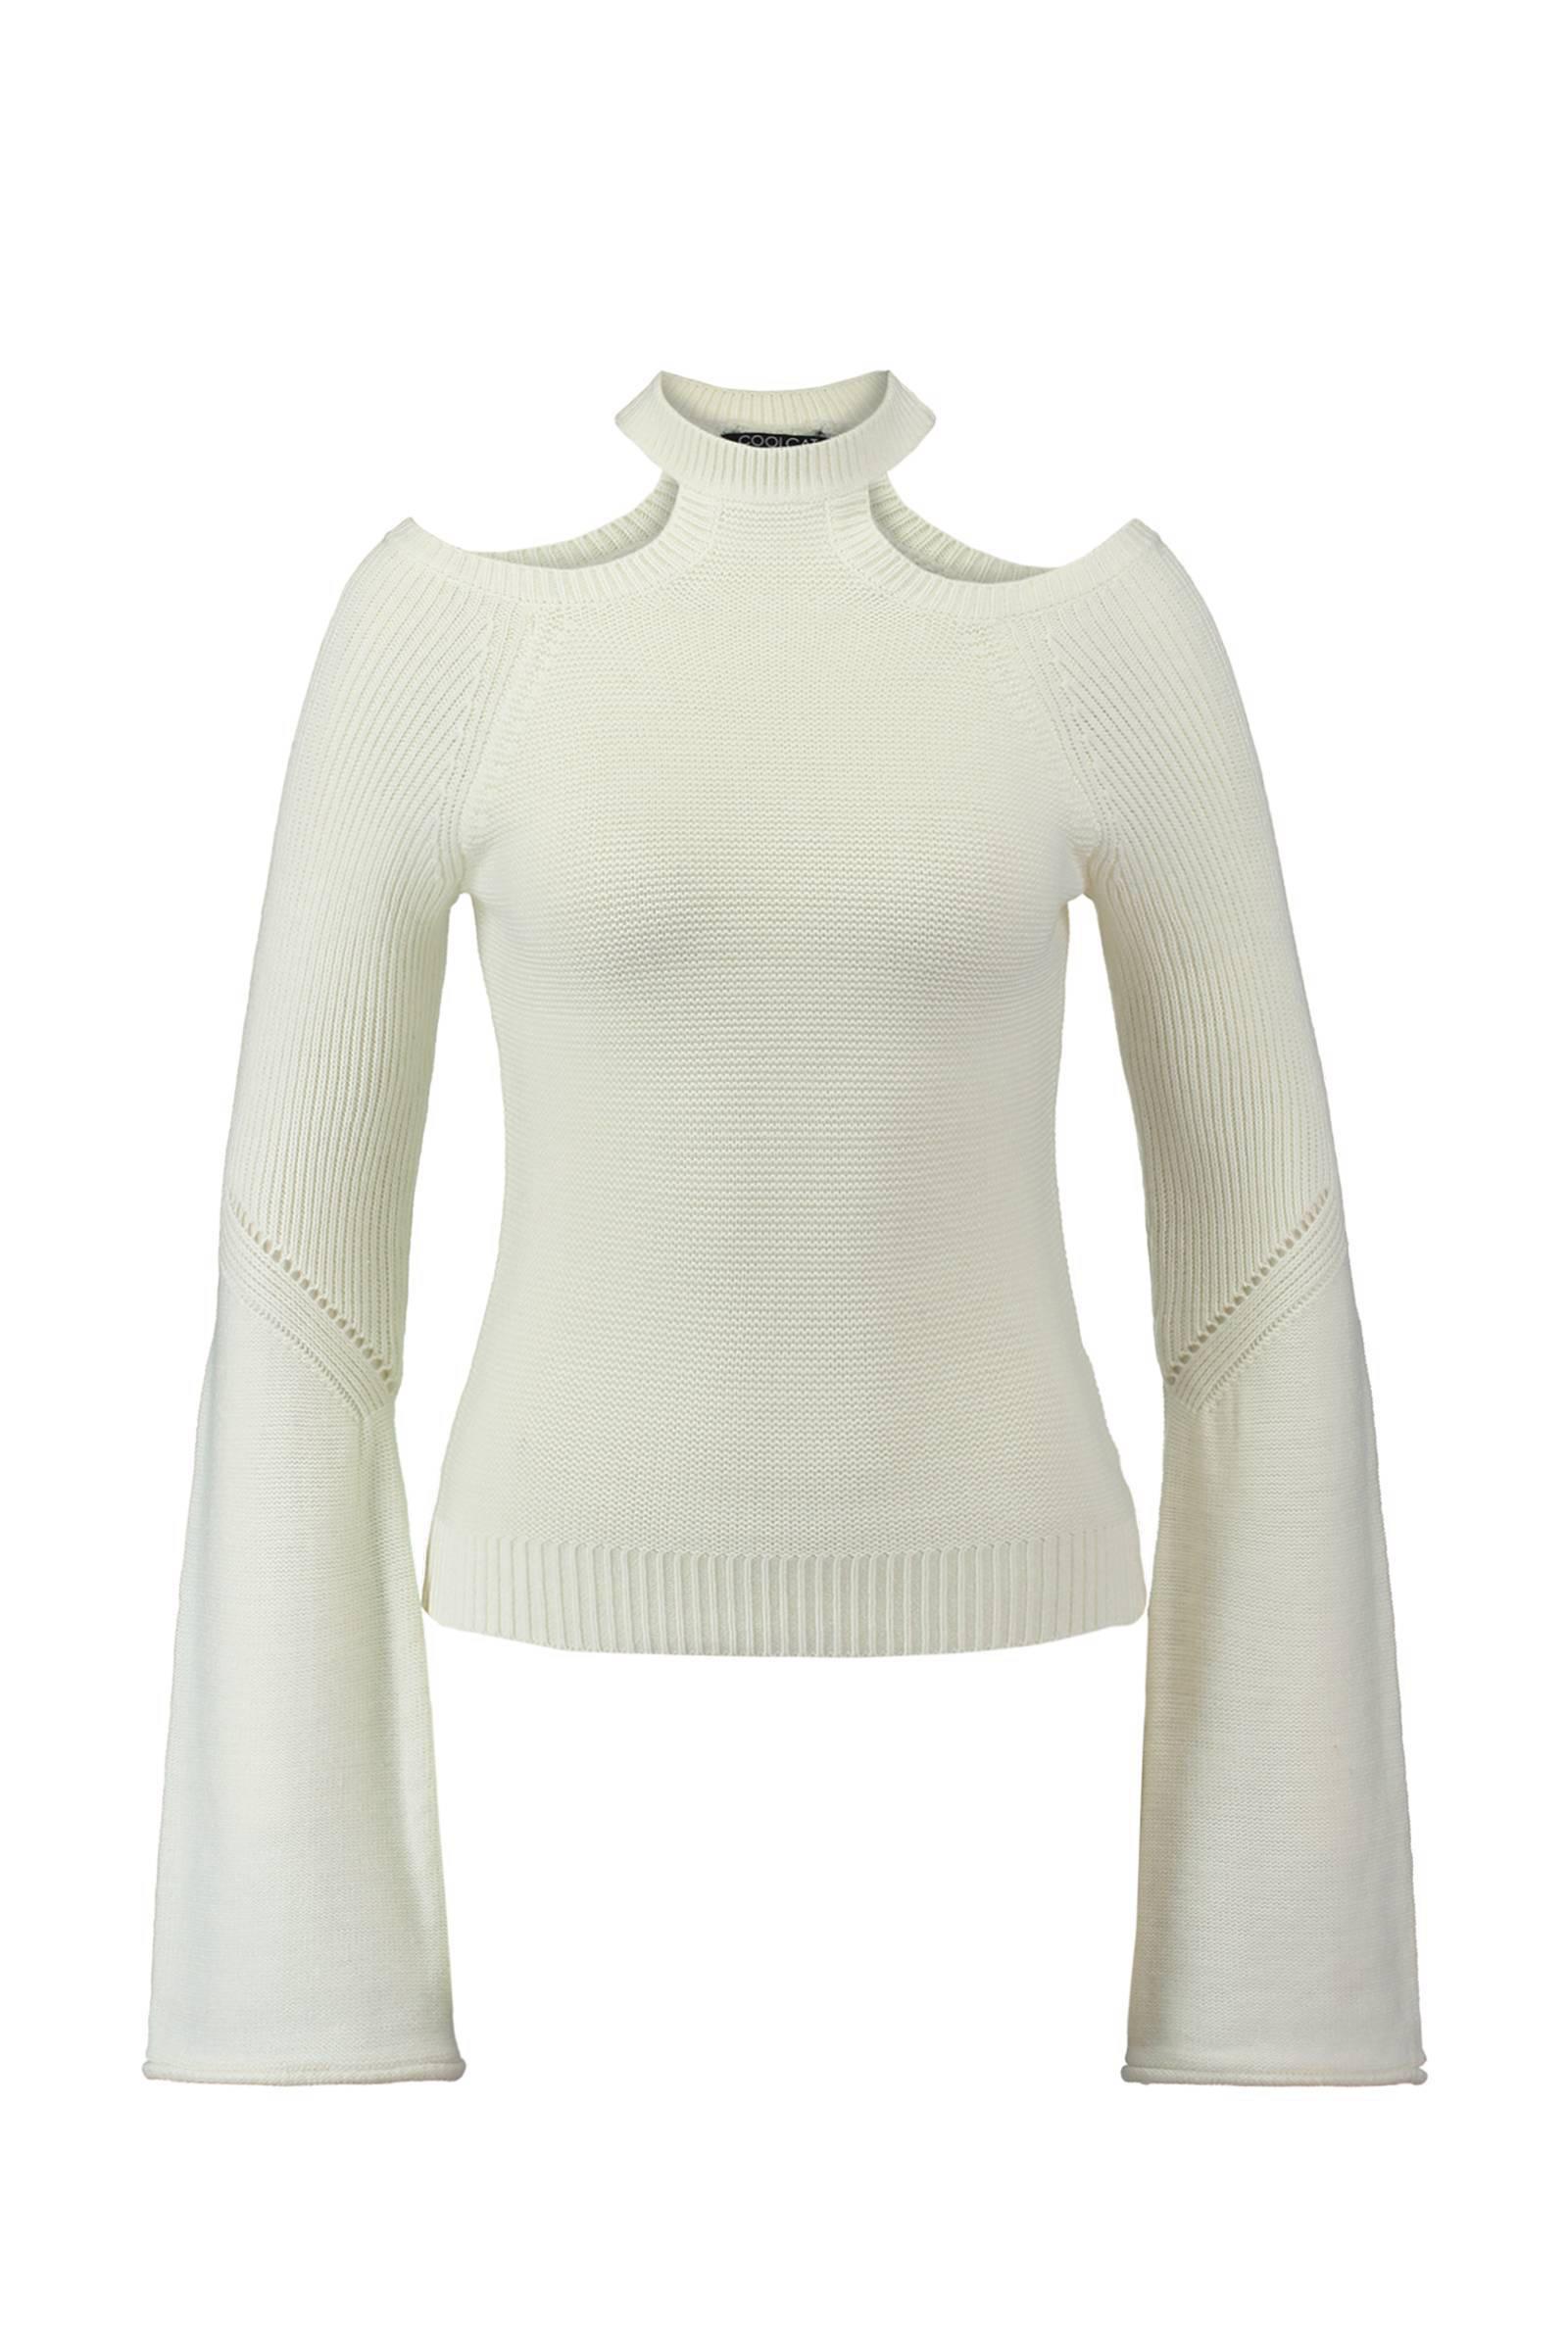 CoolCat open shoulder trui met flared mouwen wit | wehkamp